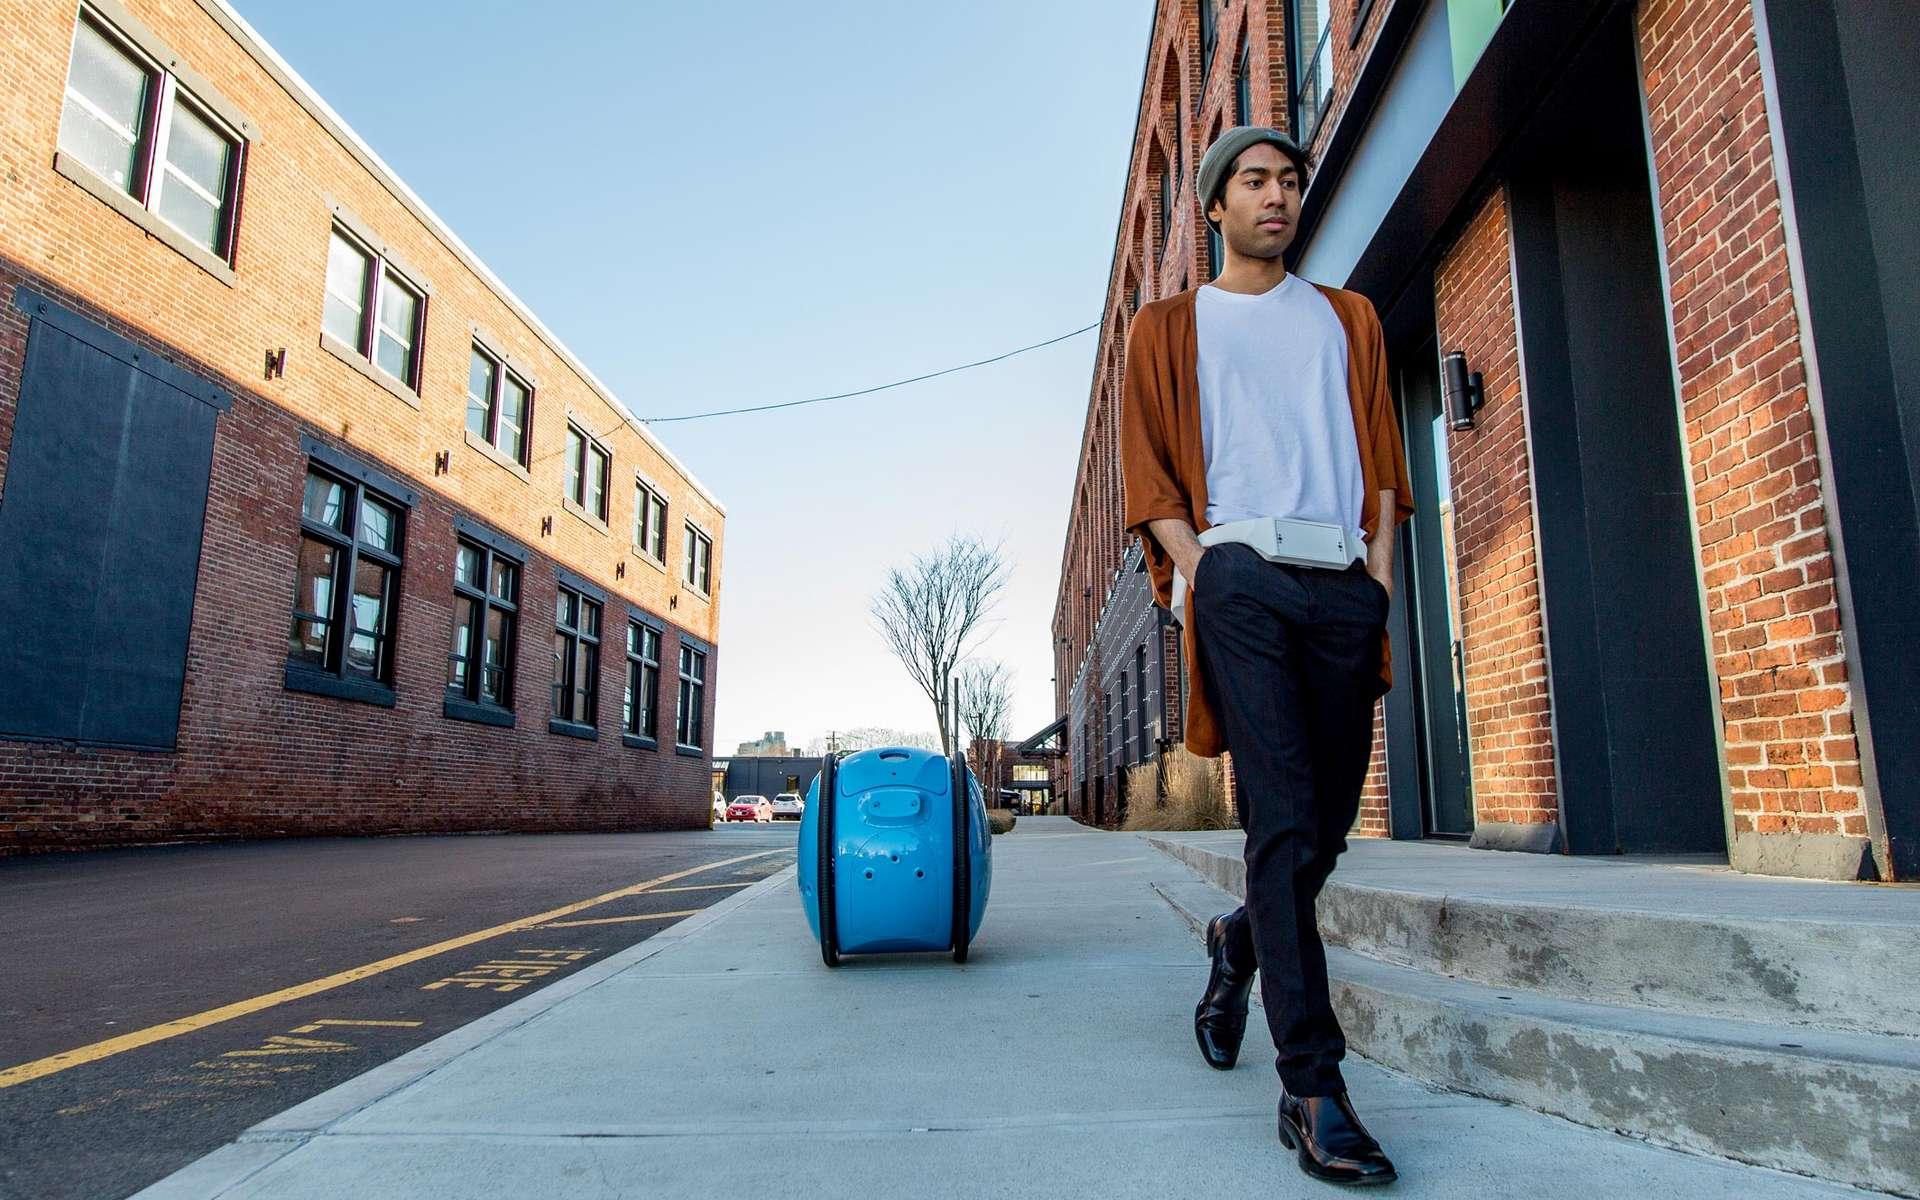 Le robot Gita signé Piaggio vous accompagne dans la rue. Il est destiné pour porter courses et objets à votre place, une sorte de caddie autonome du XXIe siècle. © Piaggio